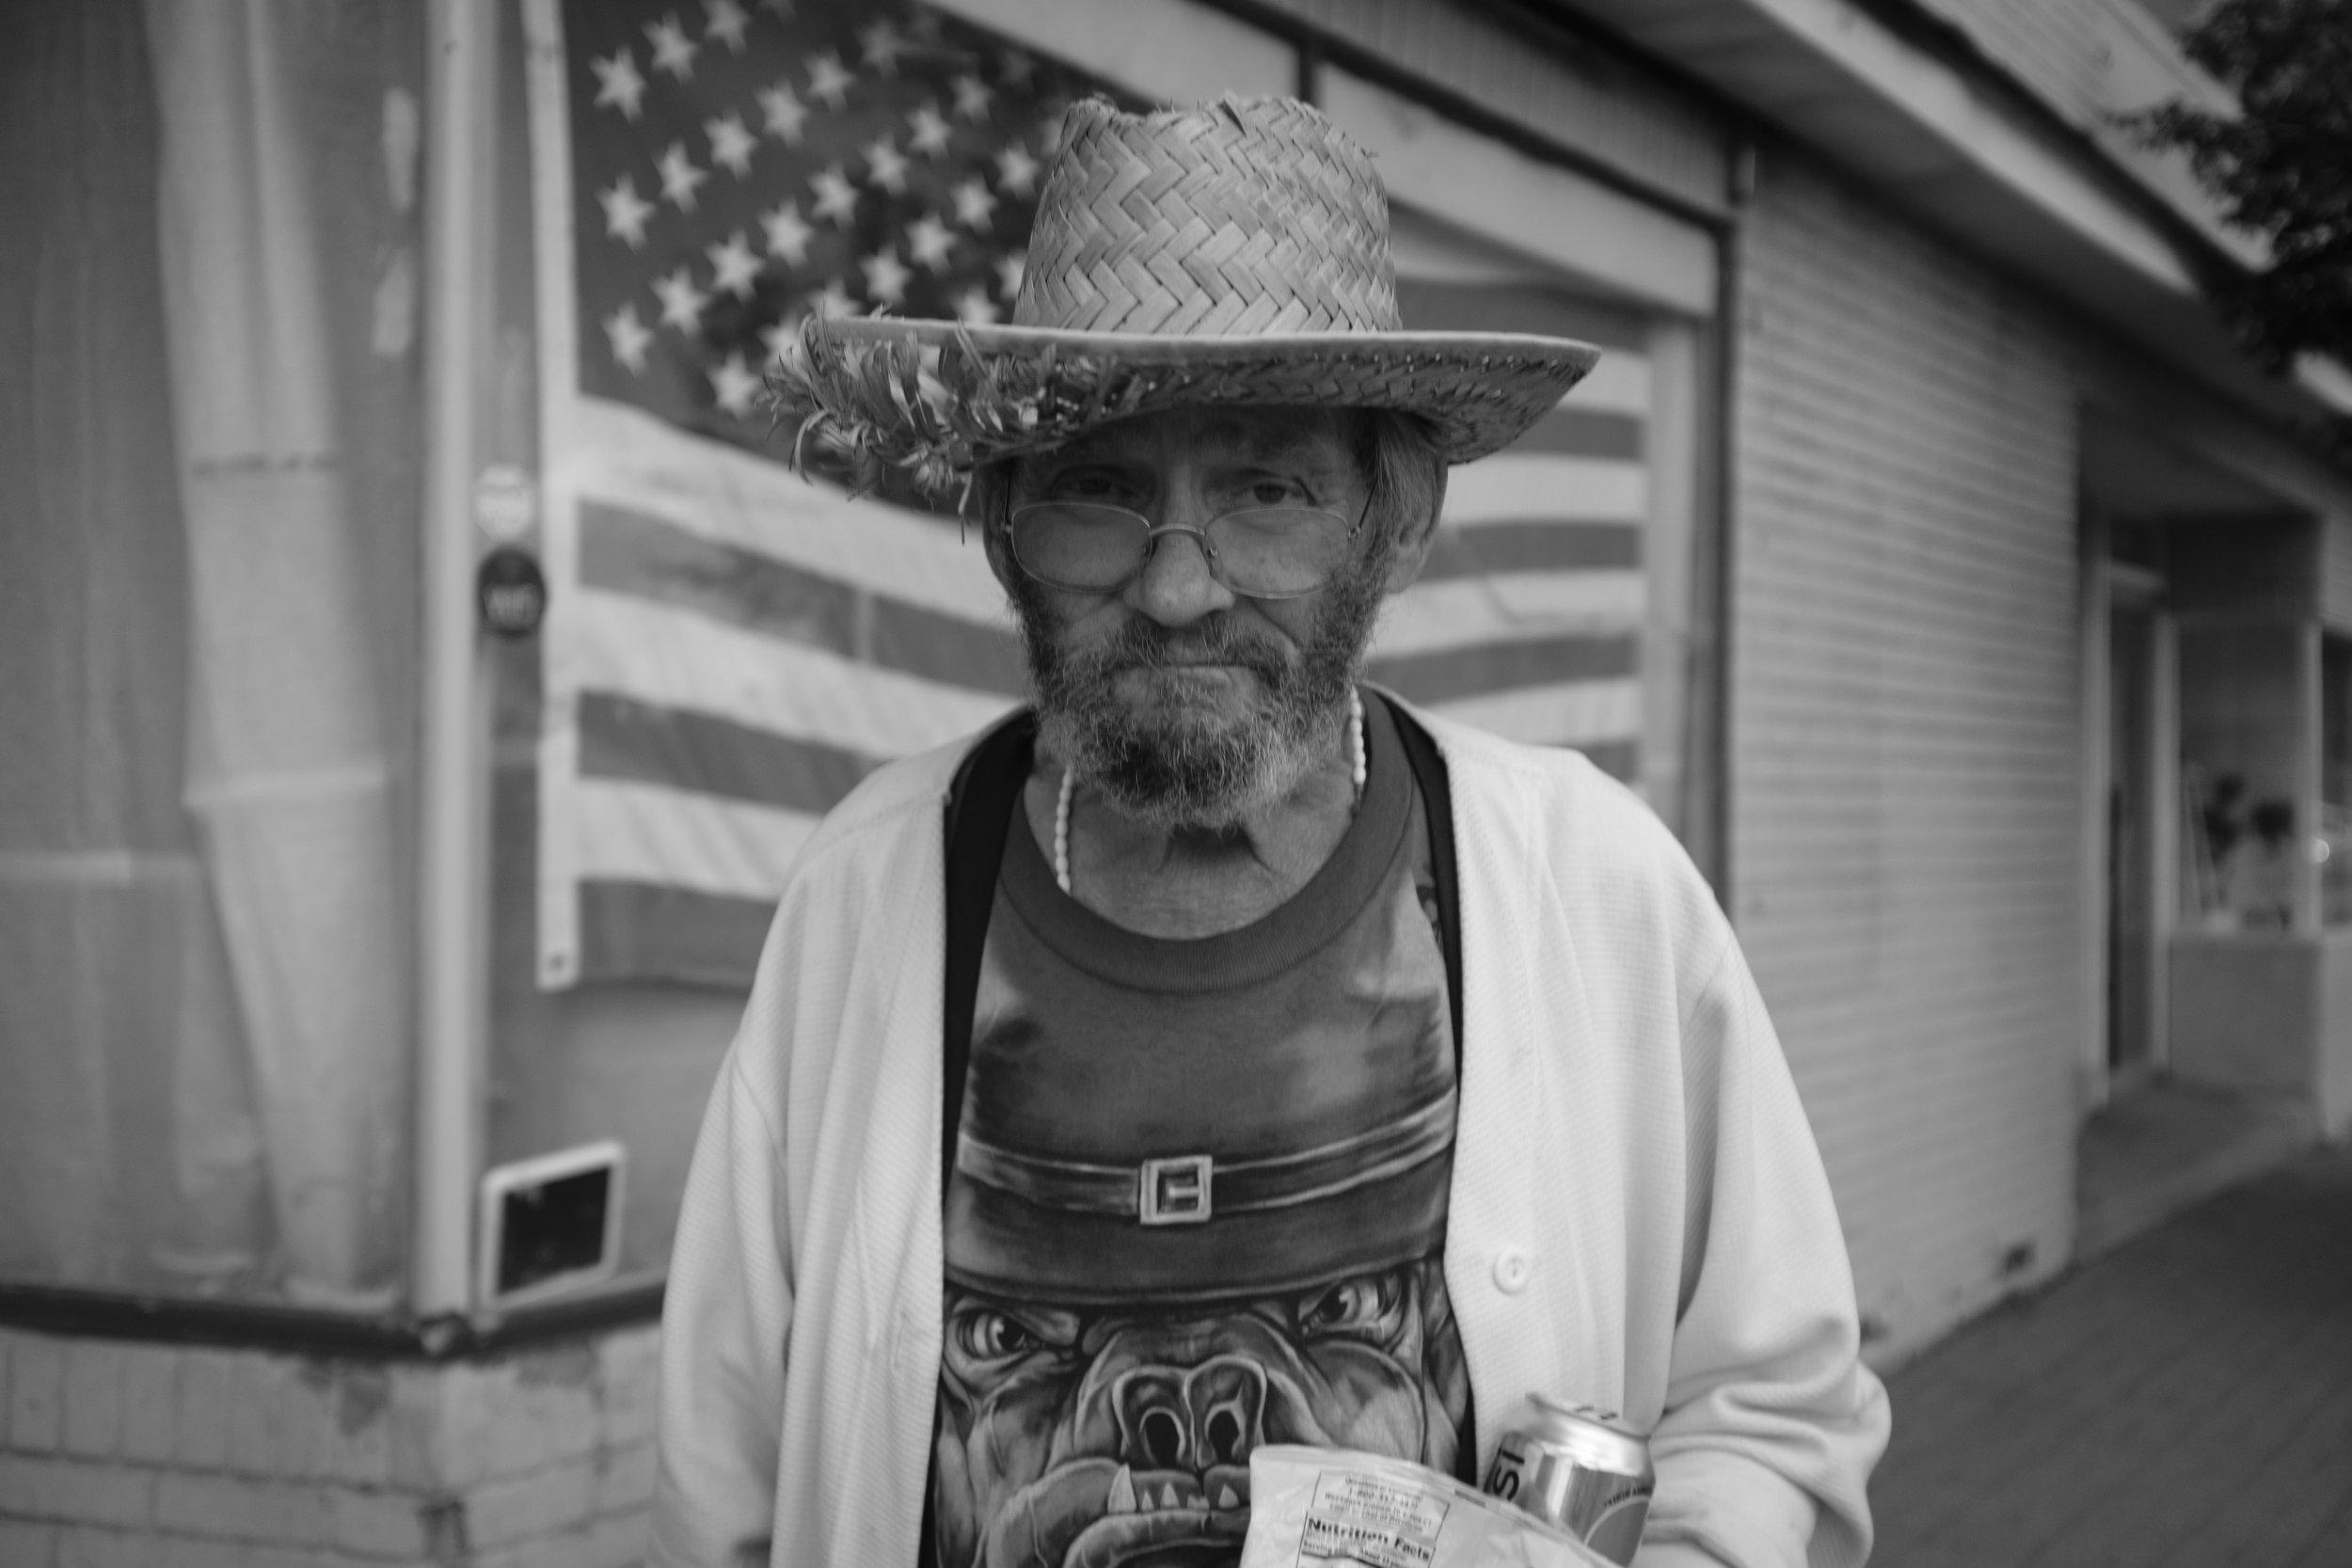 Man in straw hat, Kingston, NY. 2017.